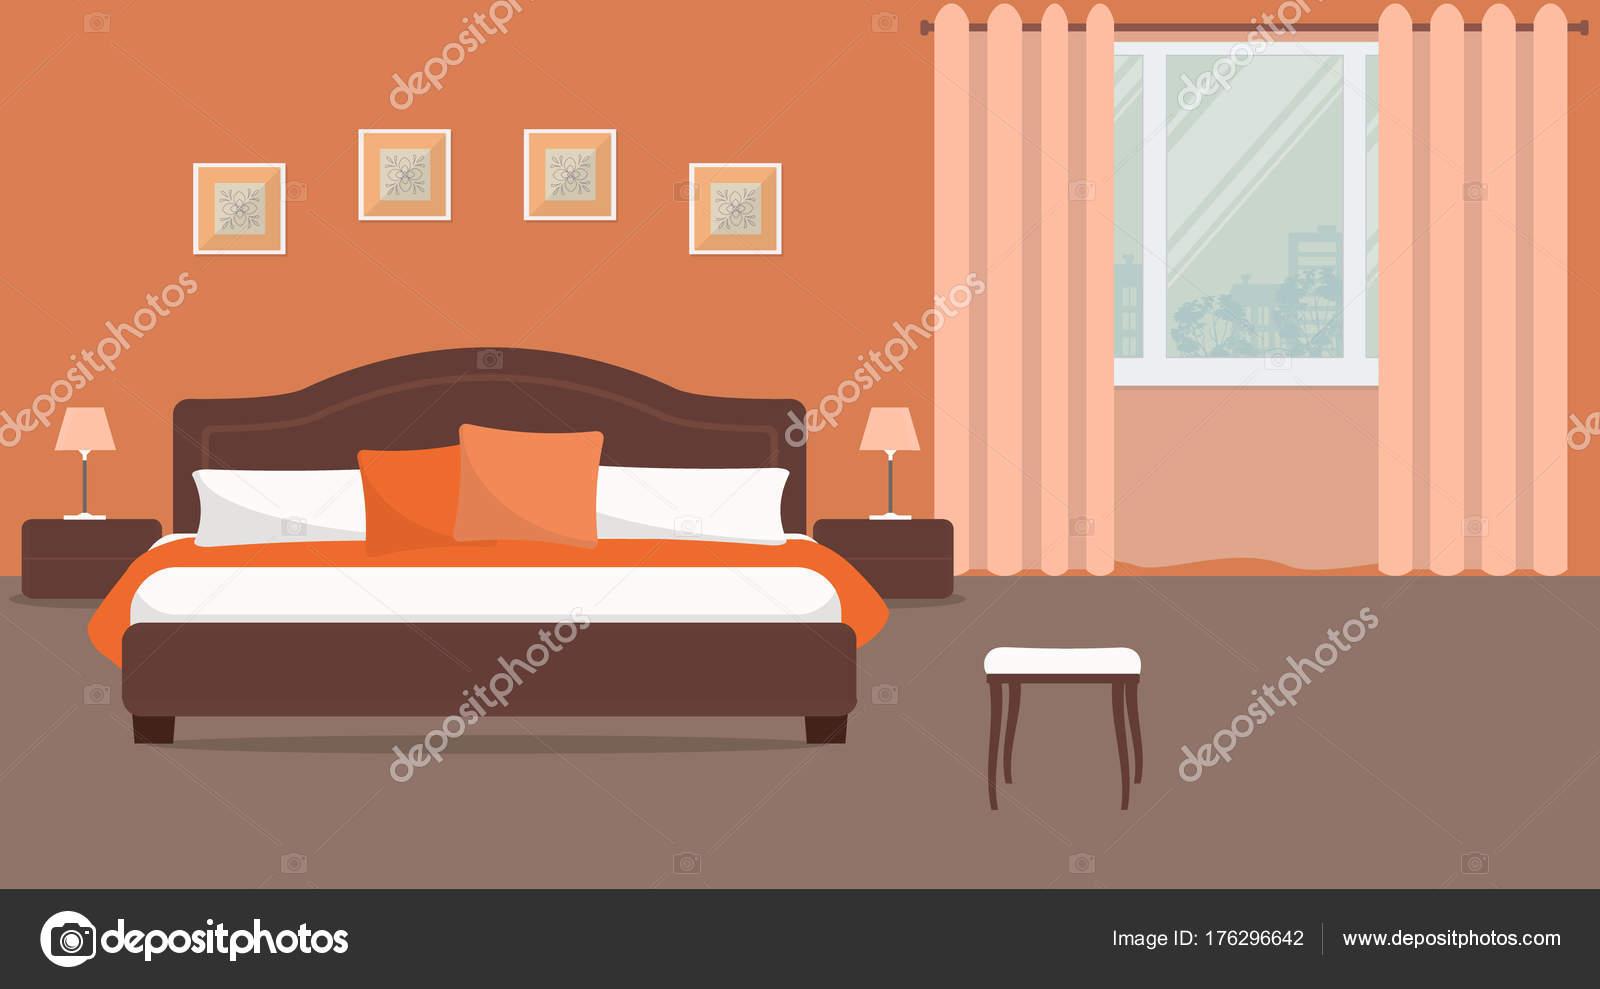 Slaapkamer Oranje Kleur Een Bed Met Kussens Nachtkastjes Lampen ...